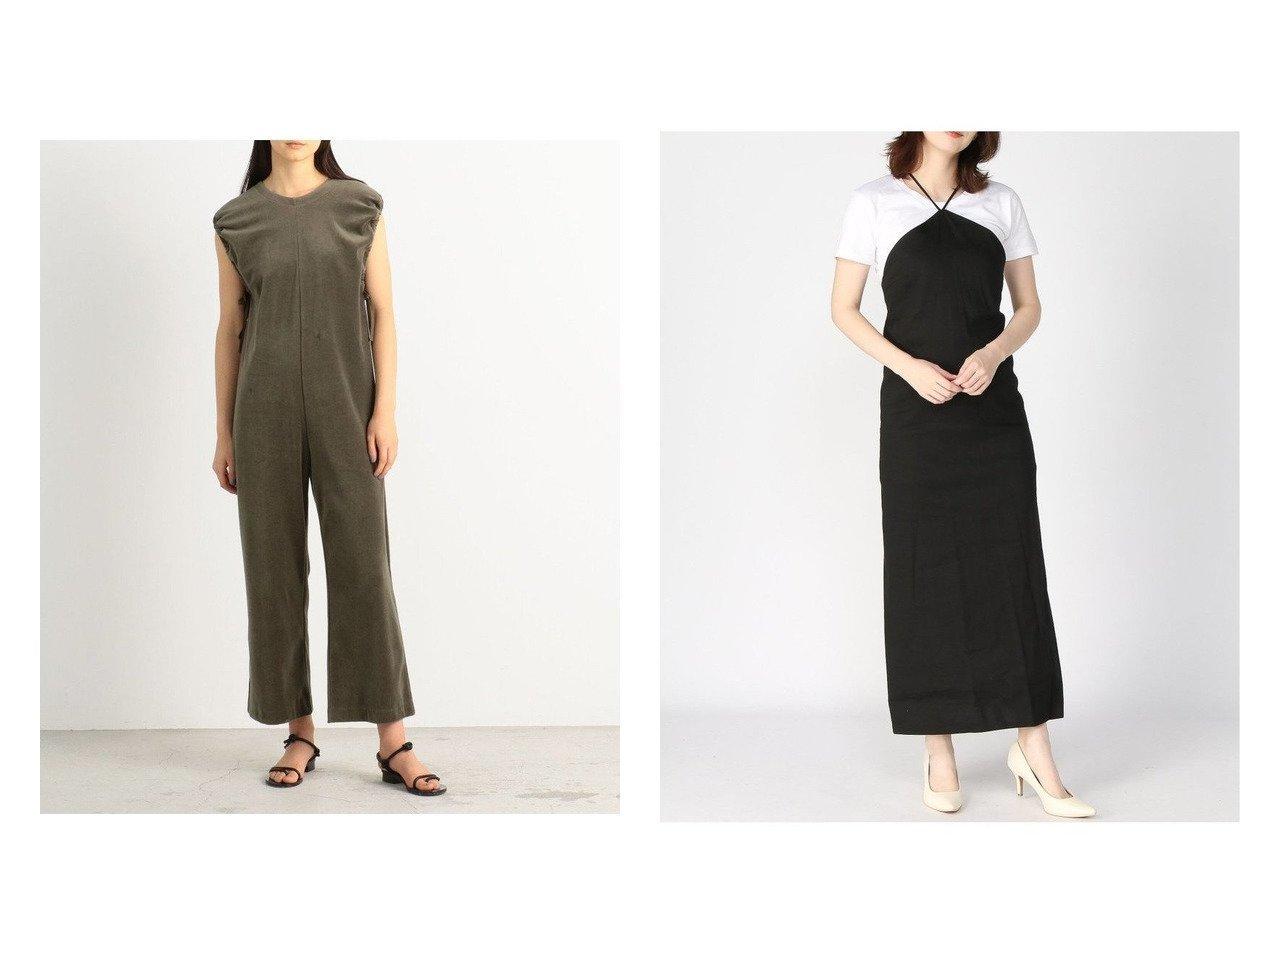 【edit.for LuLu/エディット フォー ルル】のストレッチ トライアングルネックドレス&【BACCA/バッカ】の【WEB先行予約】コットンベロアジャージー スリーブギャザーコンビネゾン ワンピース・ドレスのおすすめ!人気、トレンド・レディースファッションの通販  おすすめで人気の流行・トレンド、ファッションの通販商品 メンズファッション・キッズファッション・インテリア・家具・レディースファッション・服の通販 founy(ファニー) https://founy.com/ ファッション Fashion レディースファッション WOMEN ワンピース Dress ドレス Party Dresses キャミワンピース No Sleeve Dresses 2021年 2021 2021 春夏 S/S SS Spring/Summer 2021 S/S 春夏 SS Spring/Summer アクセサリー コンビネゾン ジャージー スリット フェミニン ベロア リラックス インナー ヴィンテージ カットソー カーディガン キャミワンピース シンプル ストレッチ トライアングル ドレス 定番 バランス ラップ A/W 秋冬 AW Autumn/Winter / FW Fall-Winter 2020年 2020 2020-2021 秋冬 A/W AW Autumn/Winter / FW Fall-Winter 2020-2021 |ID:crp329100000010187